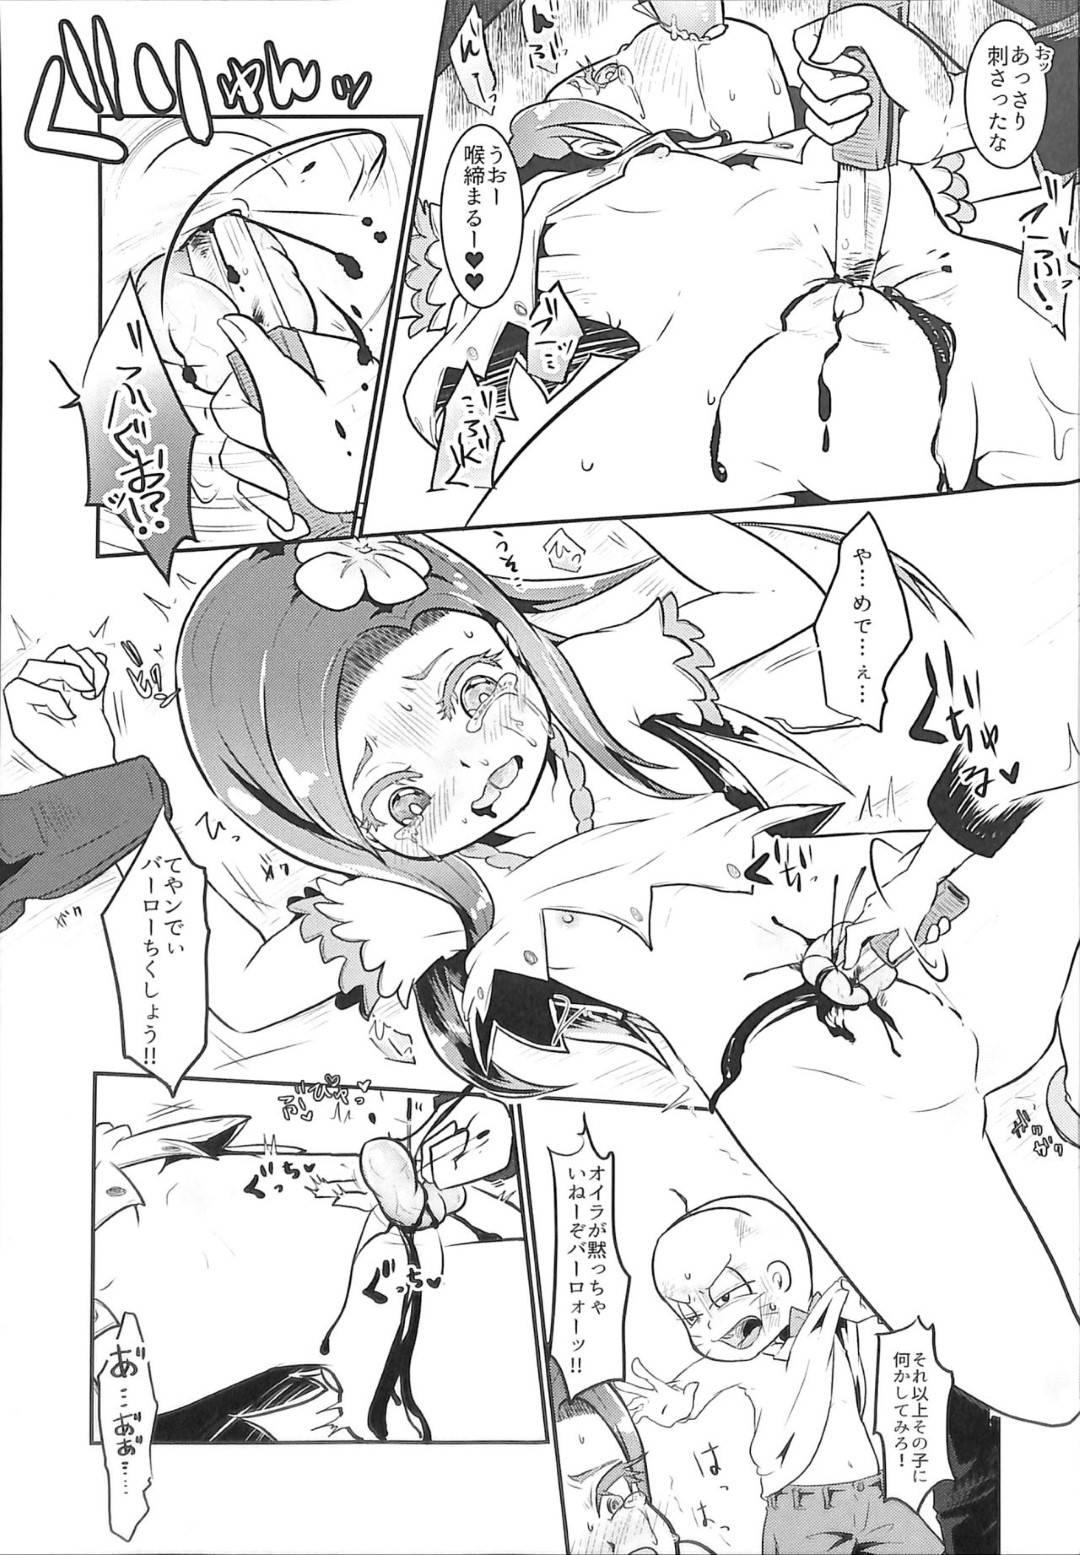 【エロ同人誌】チビ太とデート中ガラの悪い男たちに襲われた花の精ちゃん。乱暴に服を脱がされるも性器が無いためイラマチオされながら腹をナイフで刺されてしまい、血を噴き出しながら鬼畜な内臓レイプされて陵辱されてしまう【おそ松さん】